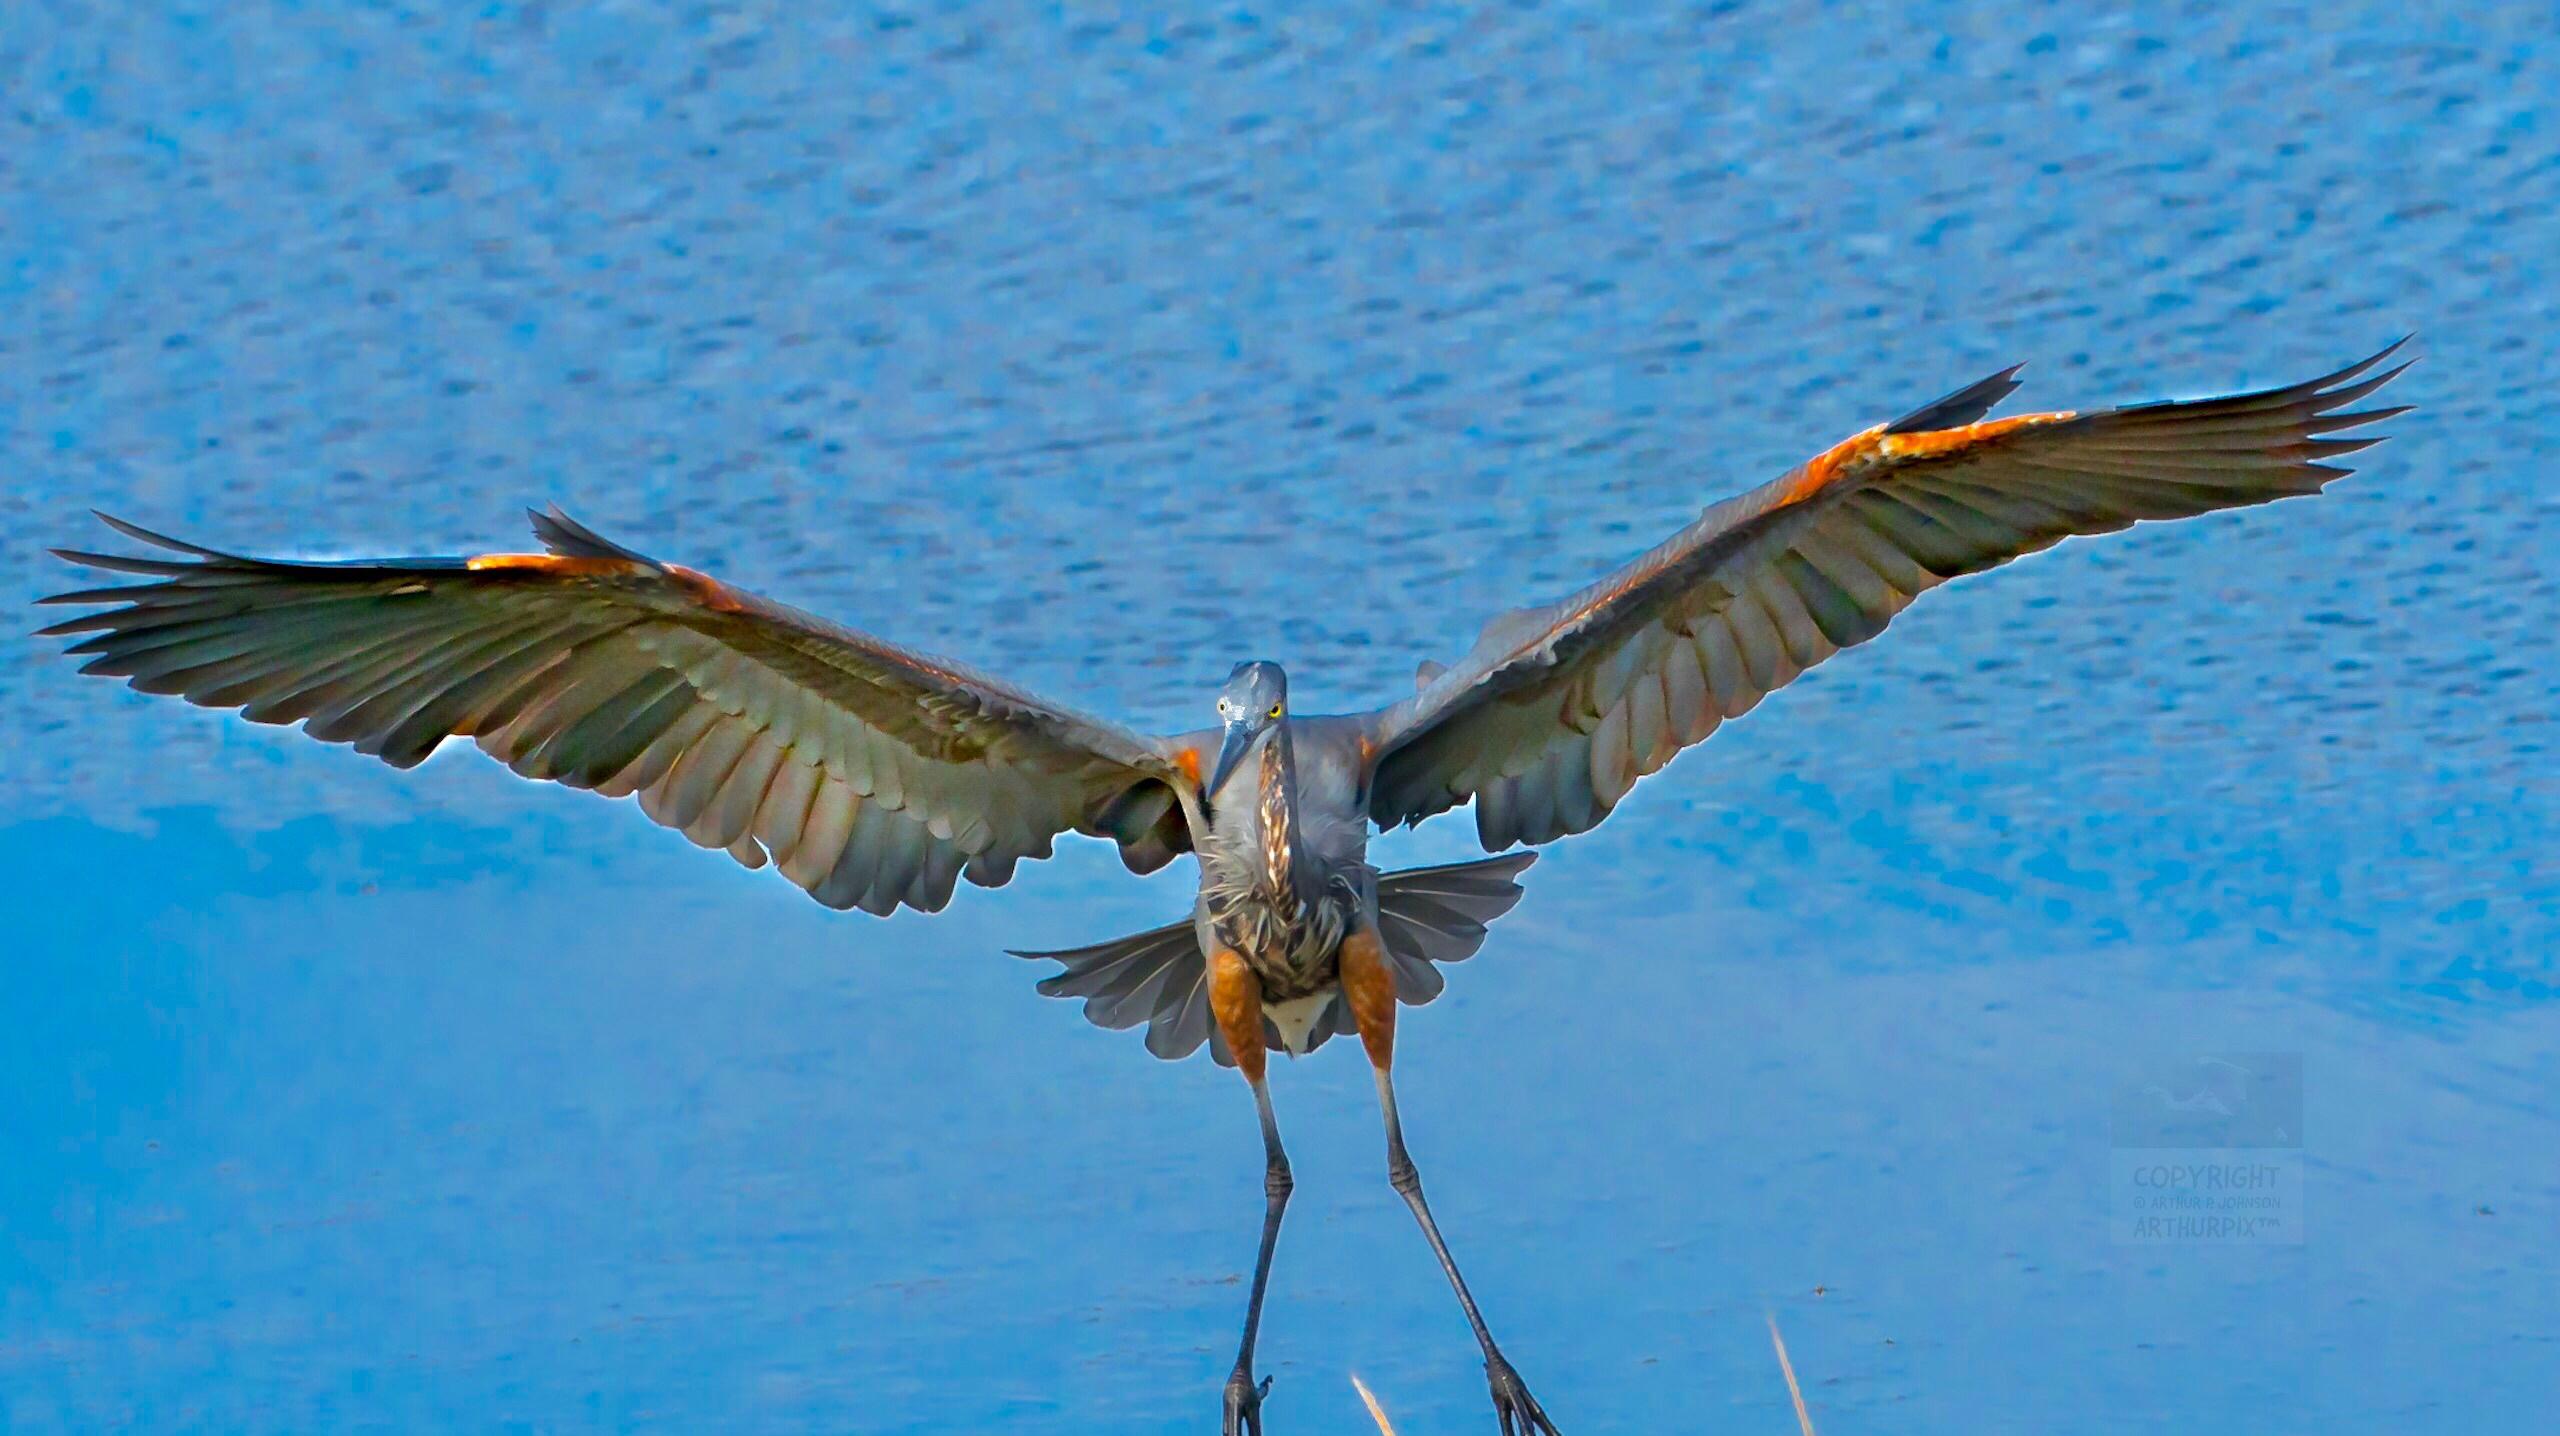 Little Blue Heron Descending from the Sky to Salt Marsh